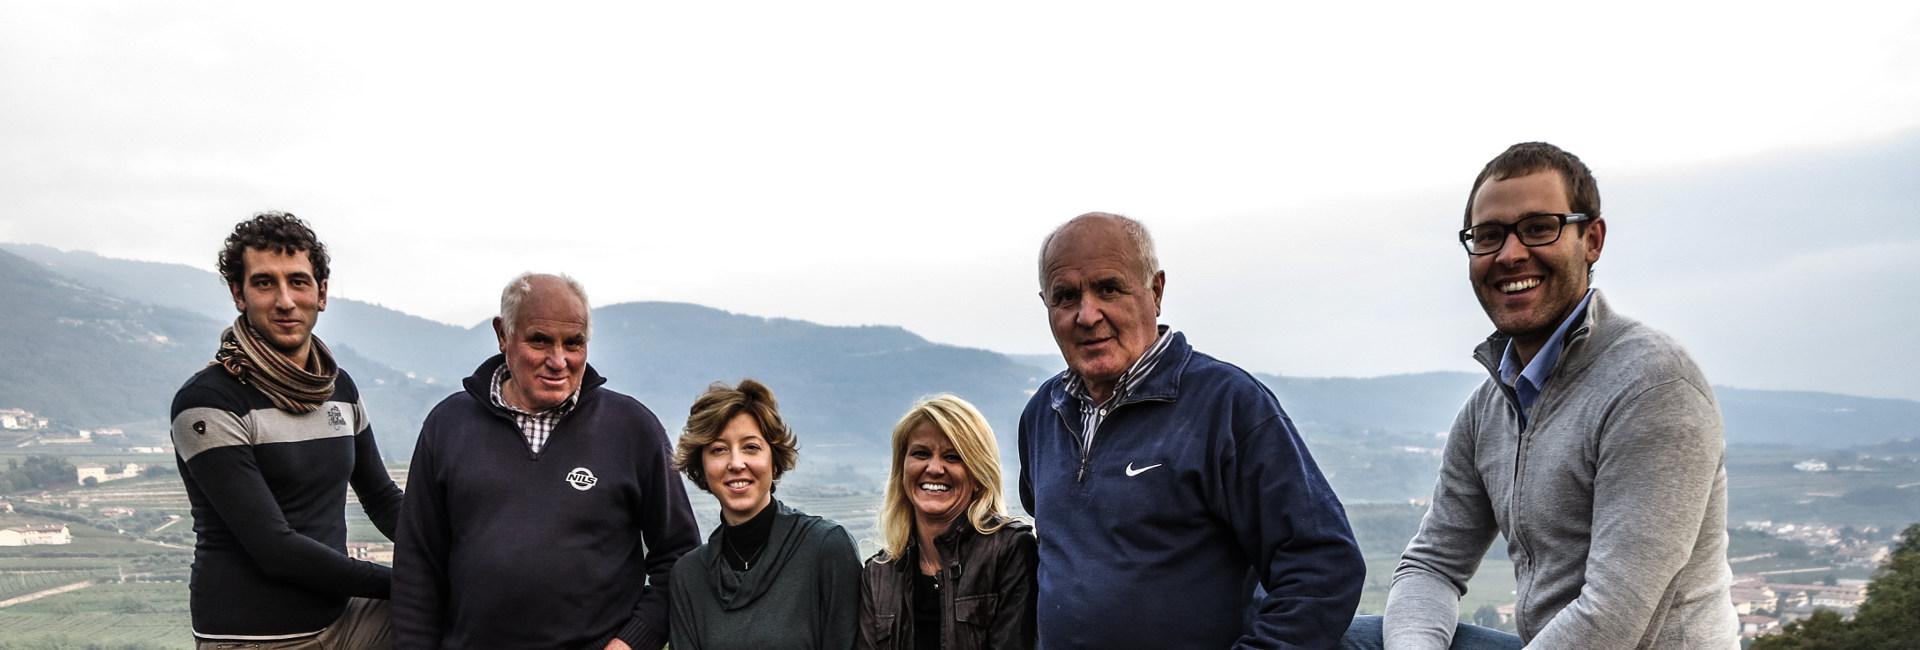 Familie-auf-Weingut-in-Verona